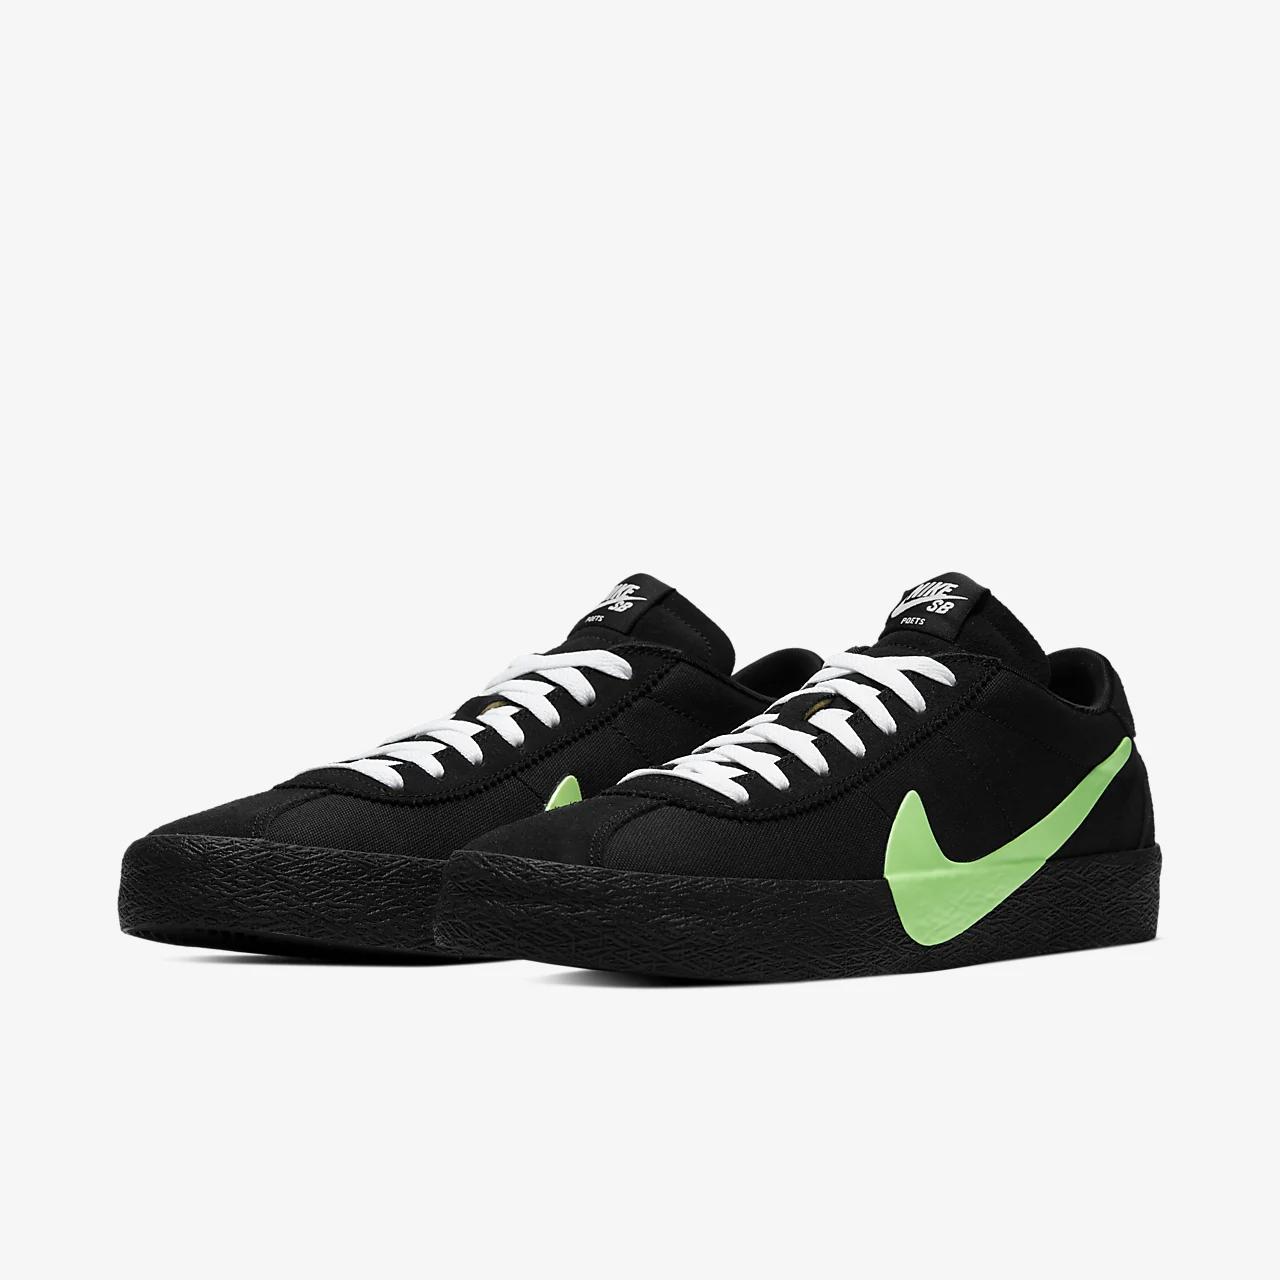 유럽직배송 나이키 NIKE Nike SB Zoom Bruin Skate Shoe CU3211-001